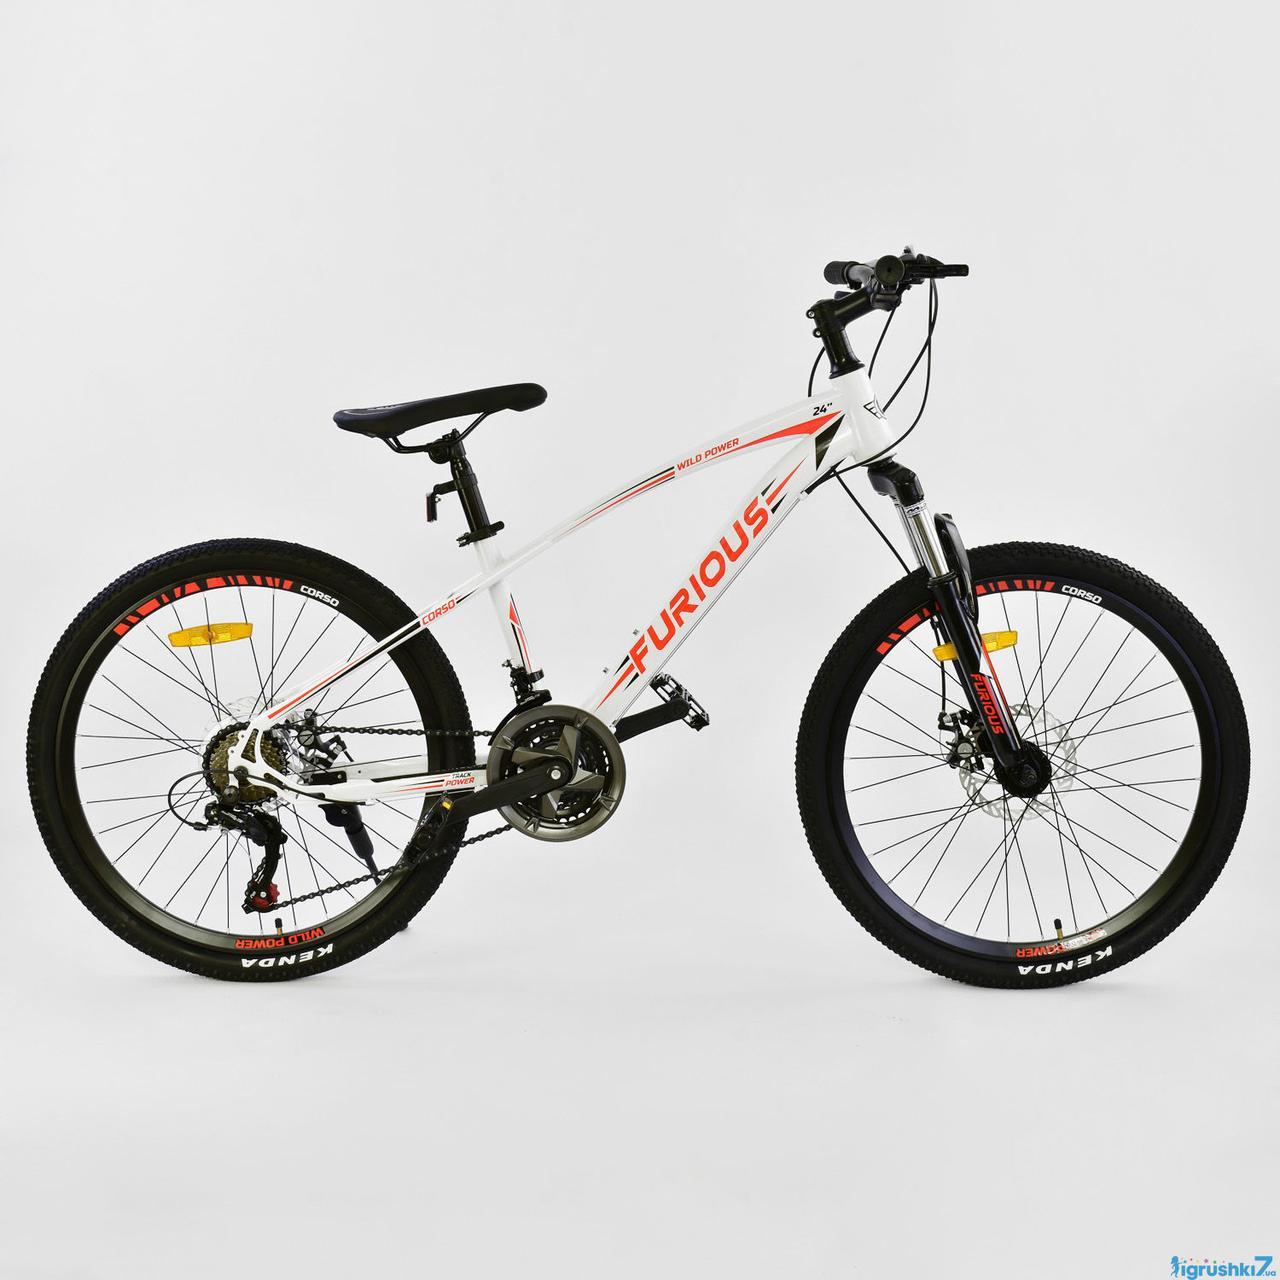 Одноподвесный подростковый велосипед хардтейл 24 дюйма 13 рама CORSO FURIOUS